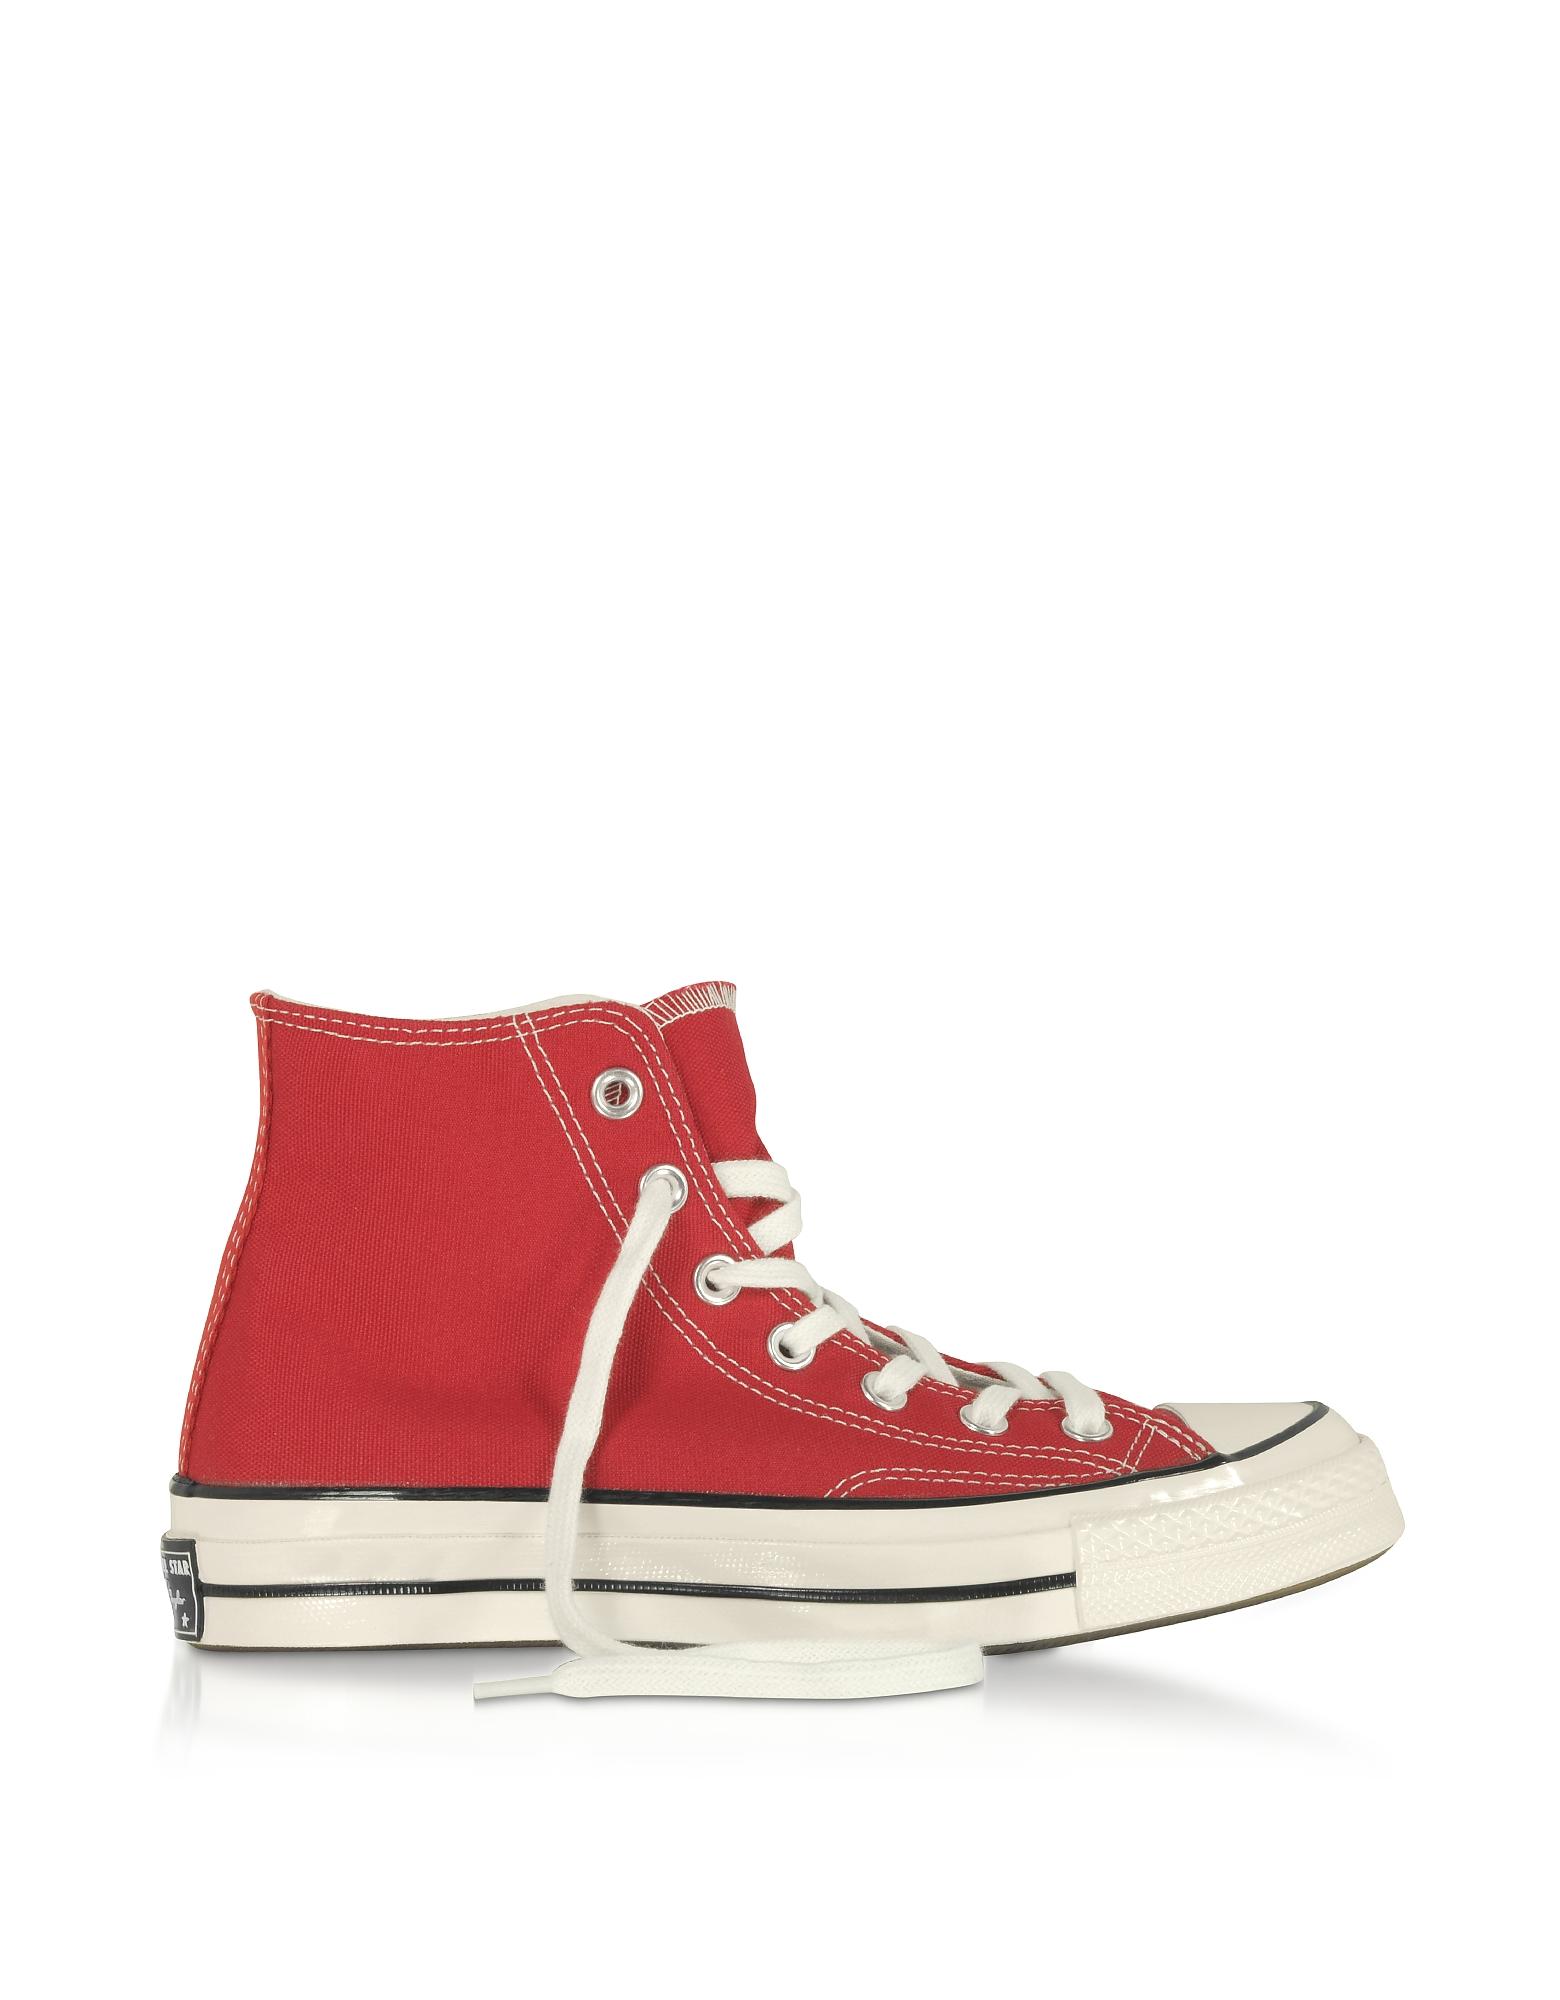 Chuck 70 - Винтажные Высокие Красные Кеды из Ткани Converse Limited Edition